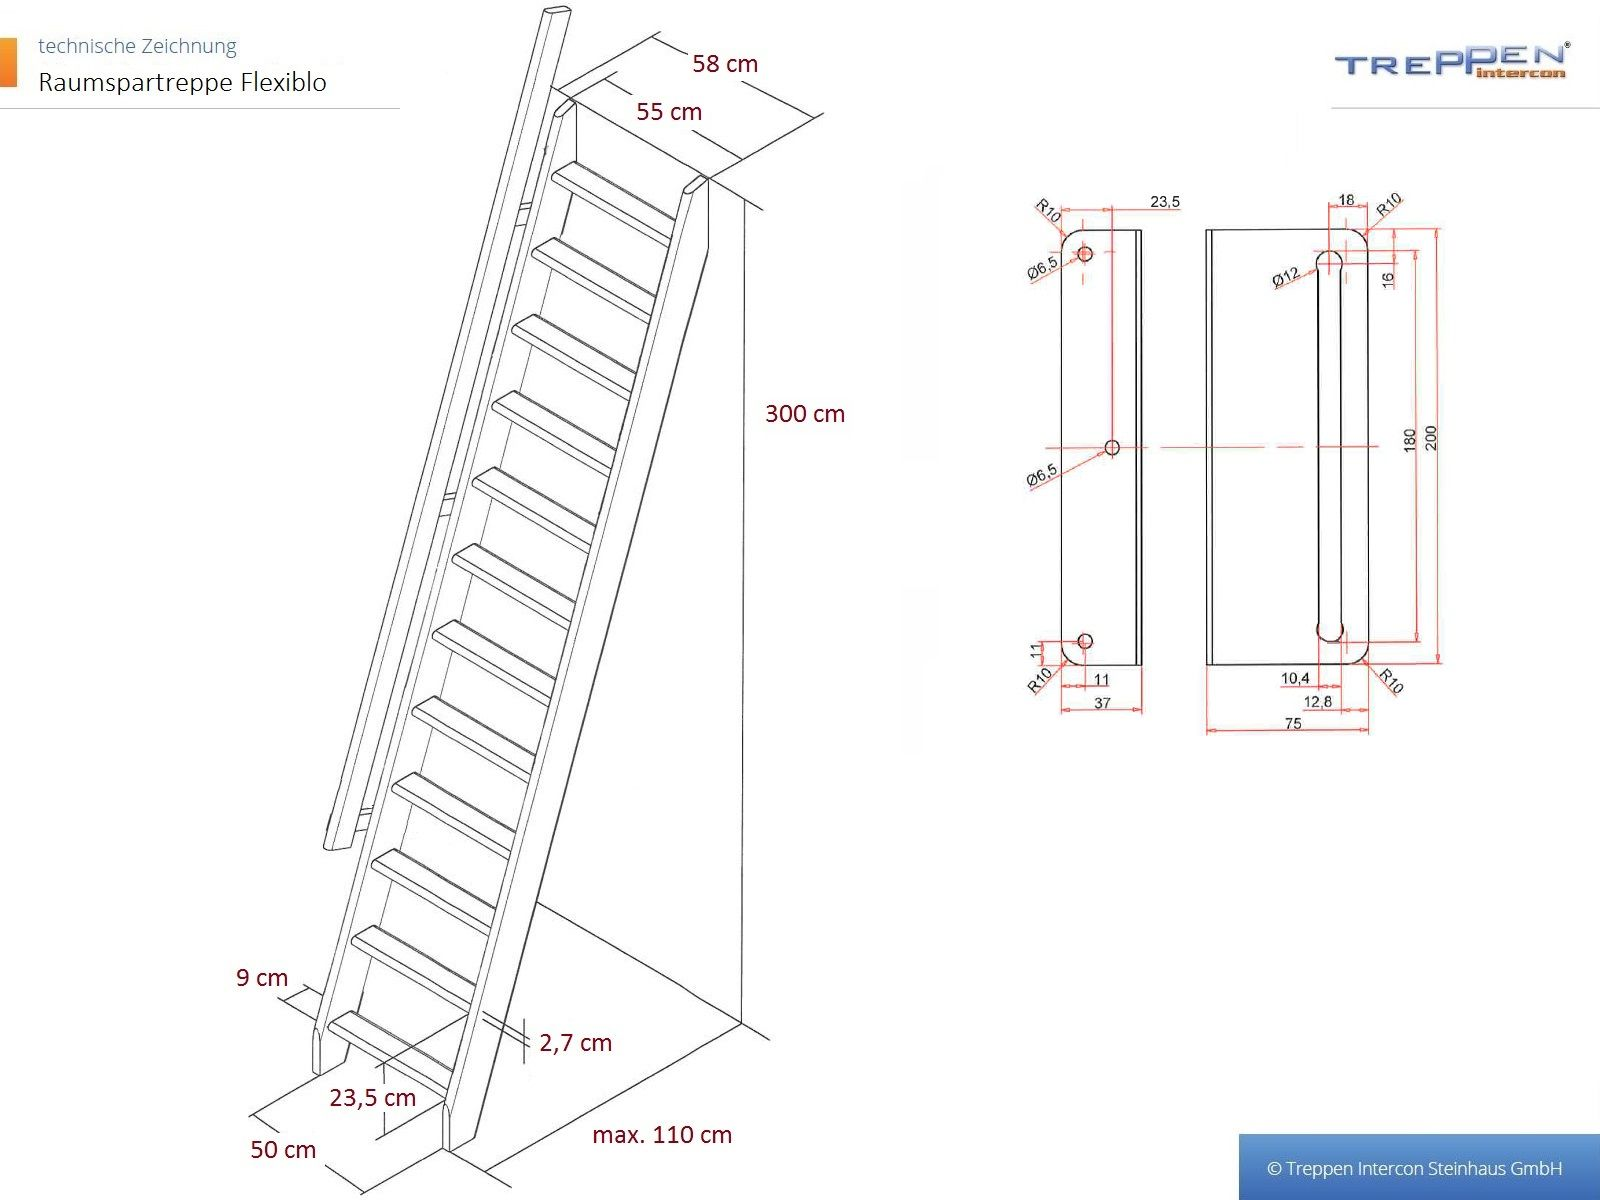 Raumspartreppe easy step hier sofort ab lager treppen for Jugendzimmer zeichnung